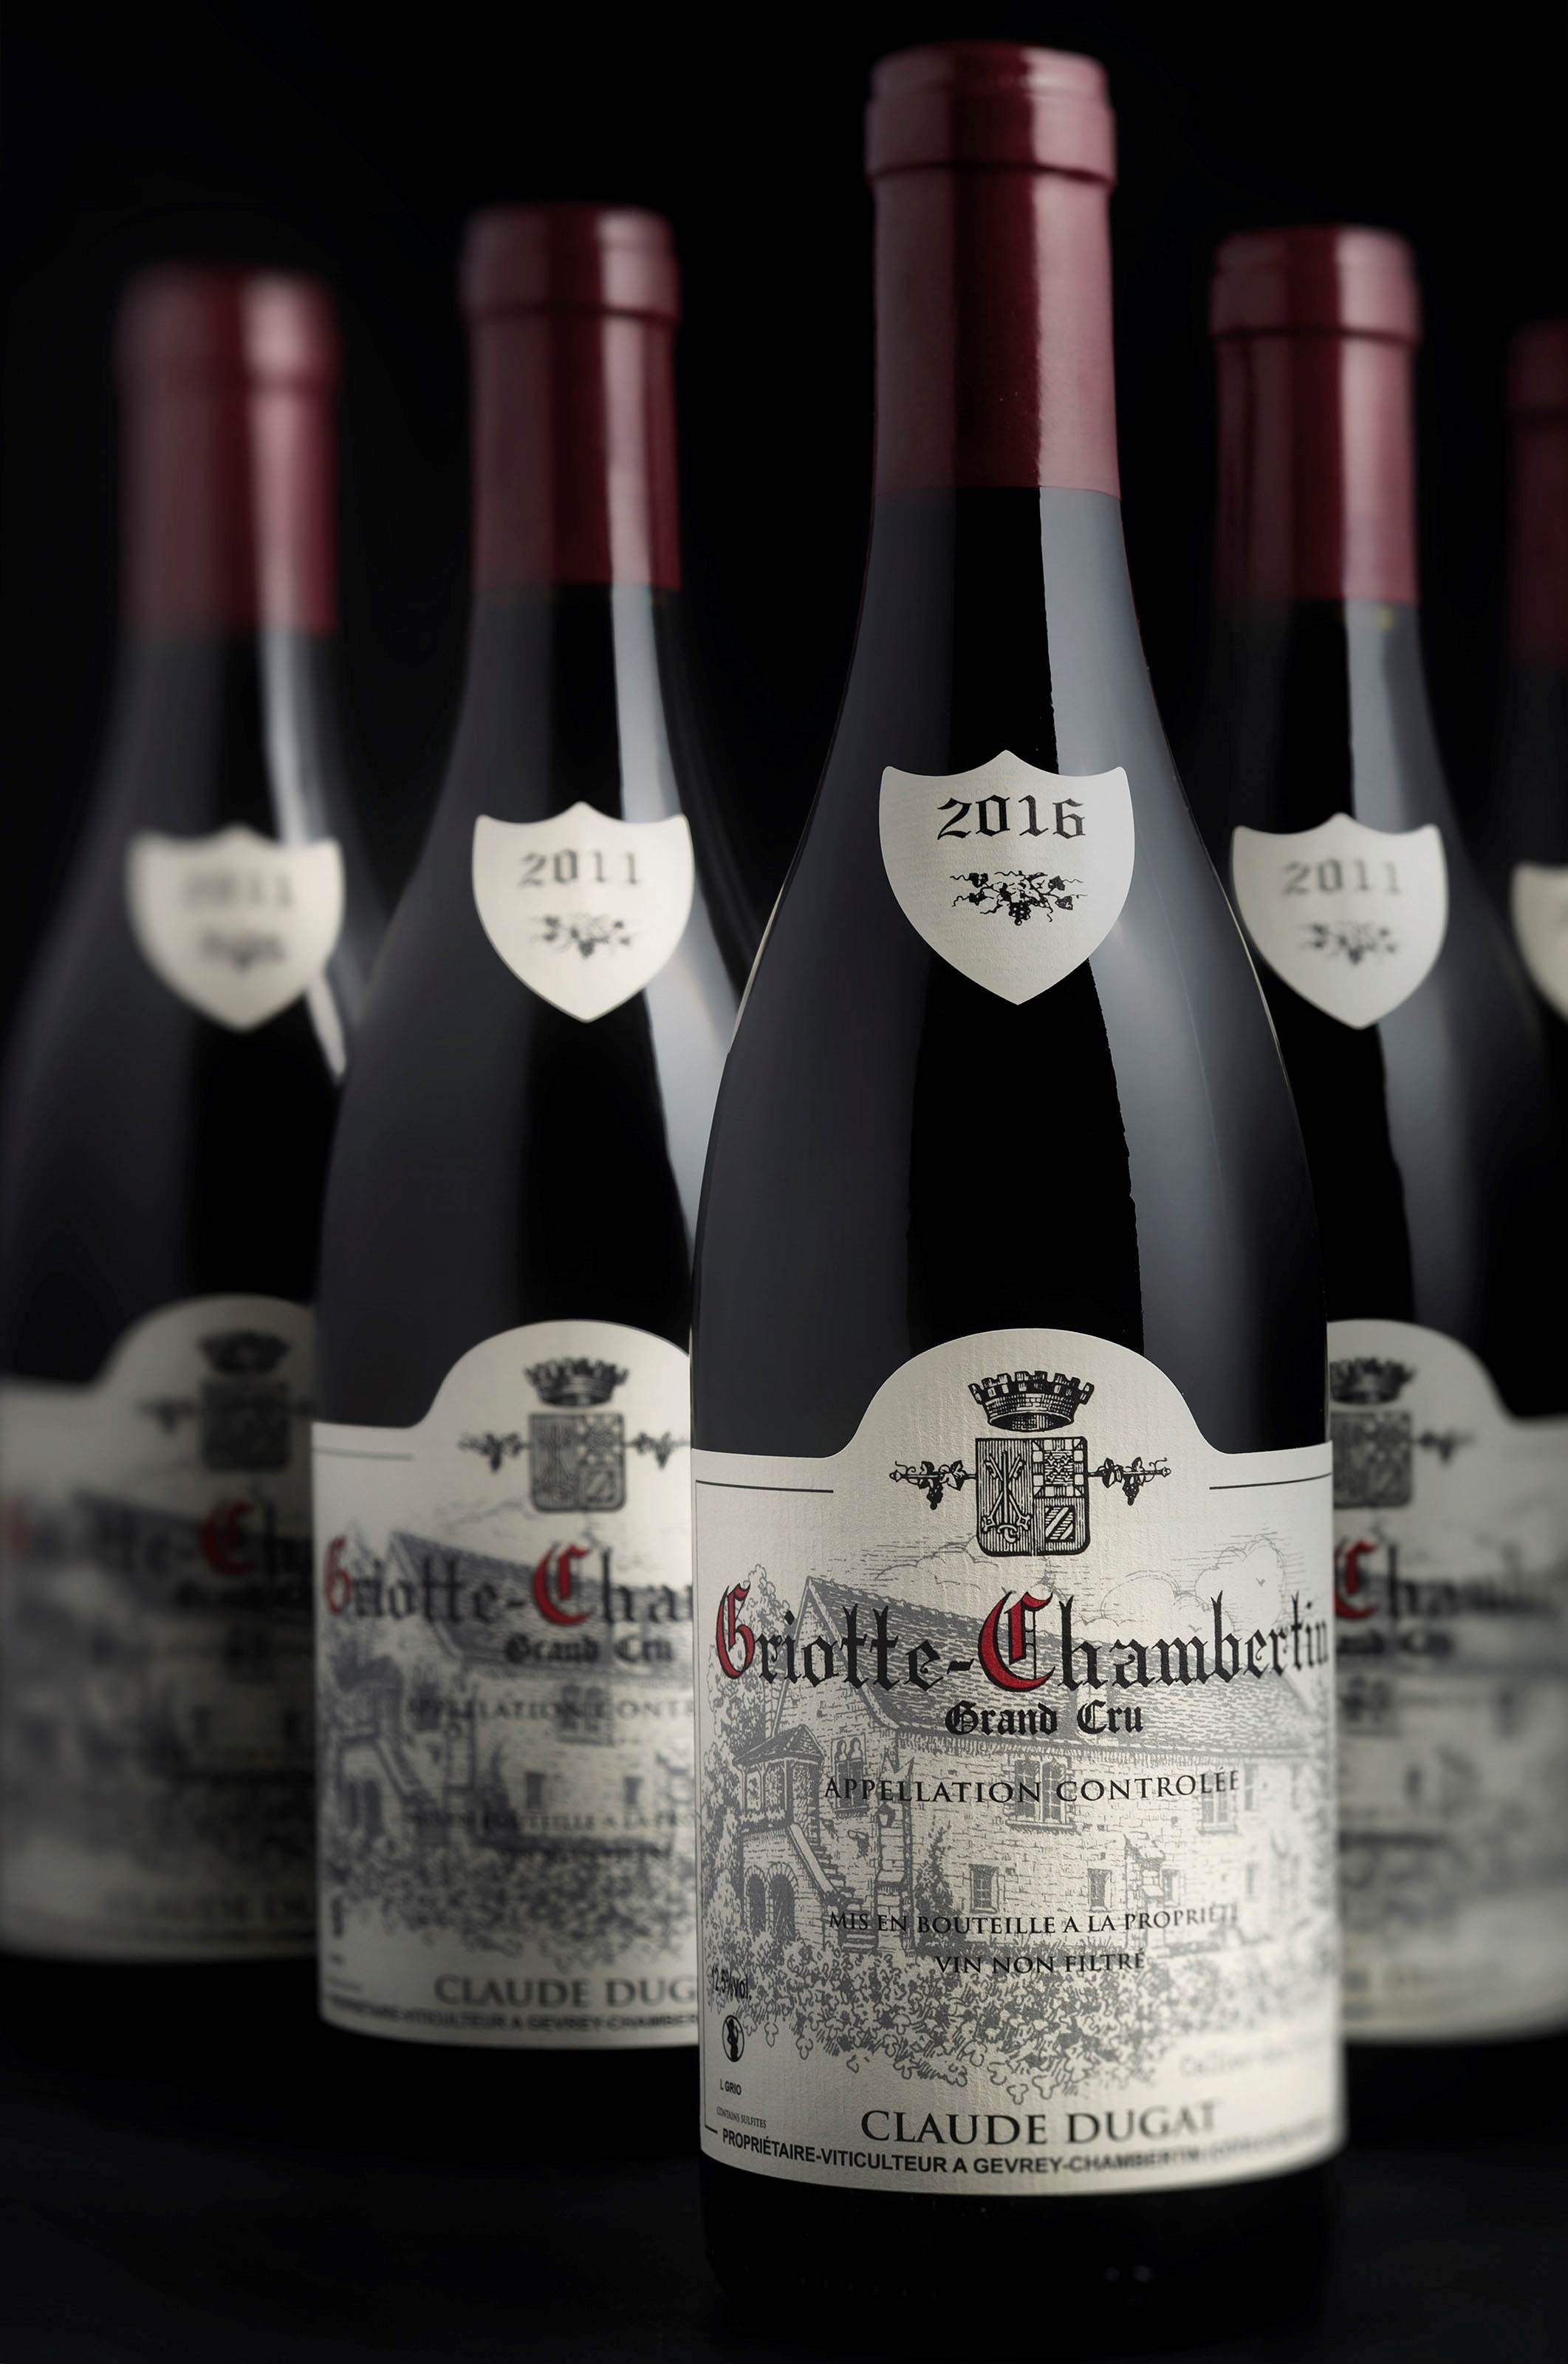 Claude Dugat, Griotte-Chambertin 2011 (4) 2016 (1)